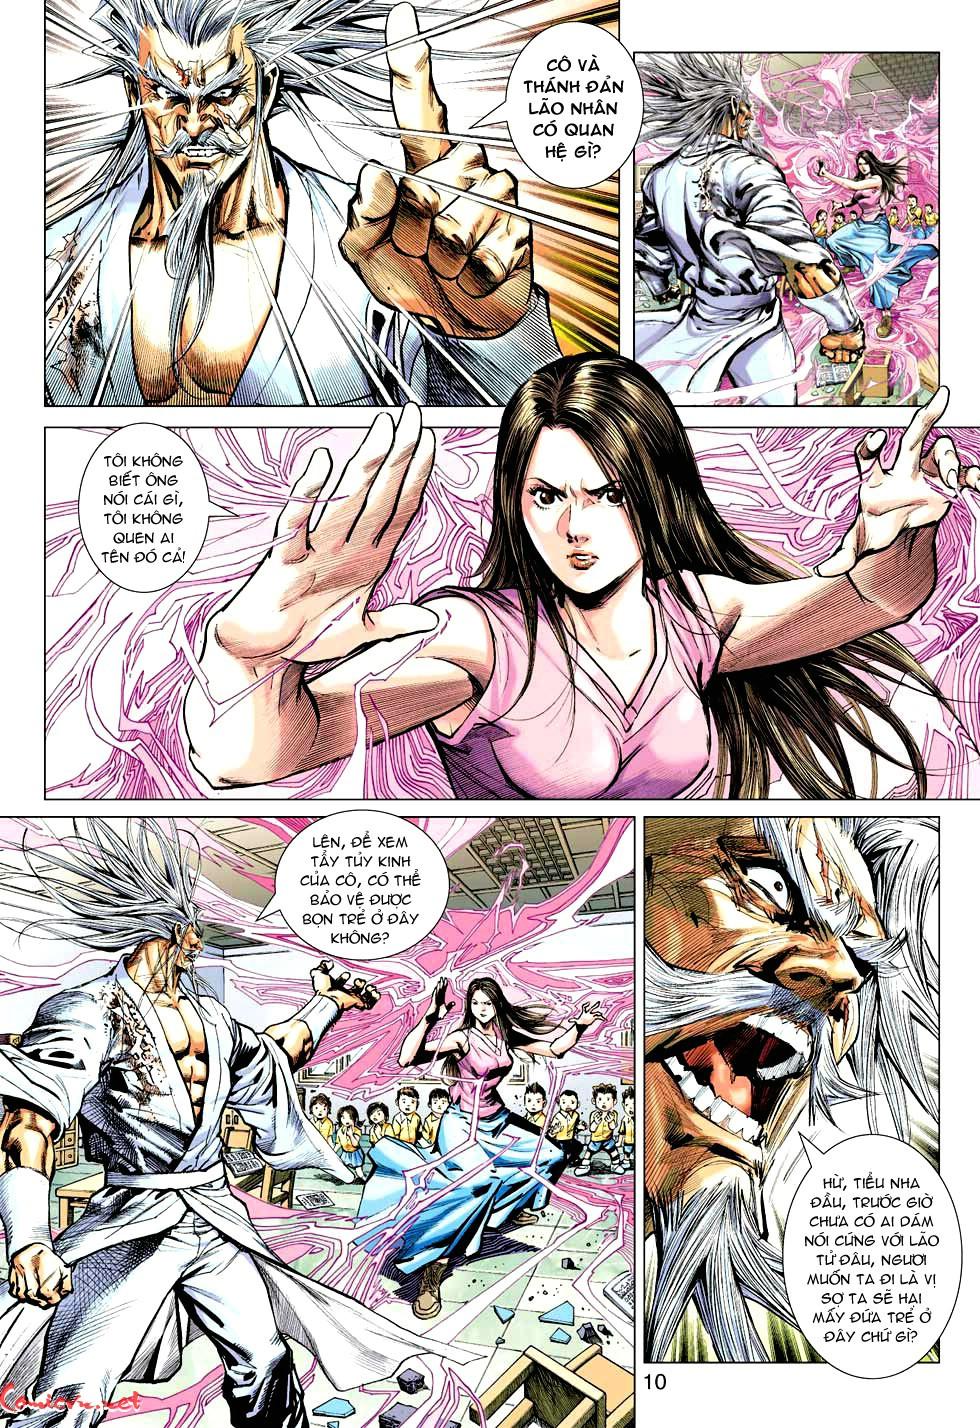 Vương Phong Lôi 1 chap 49 - Trang 10